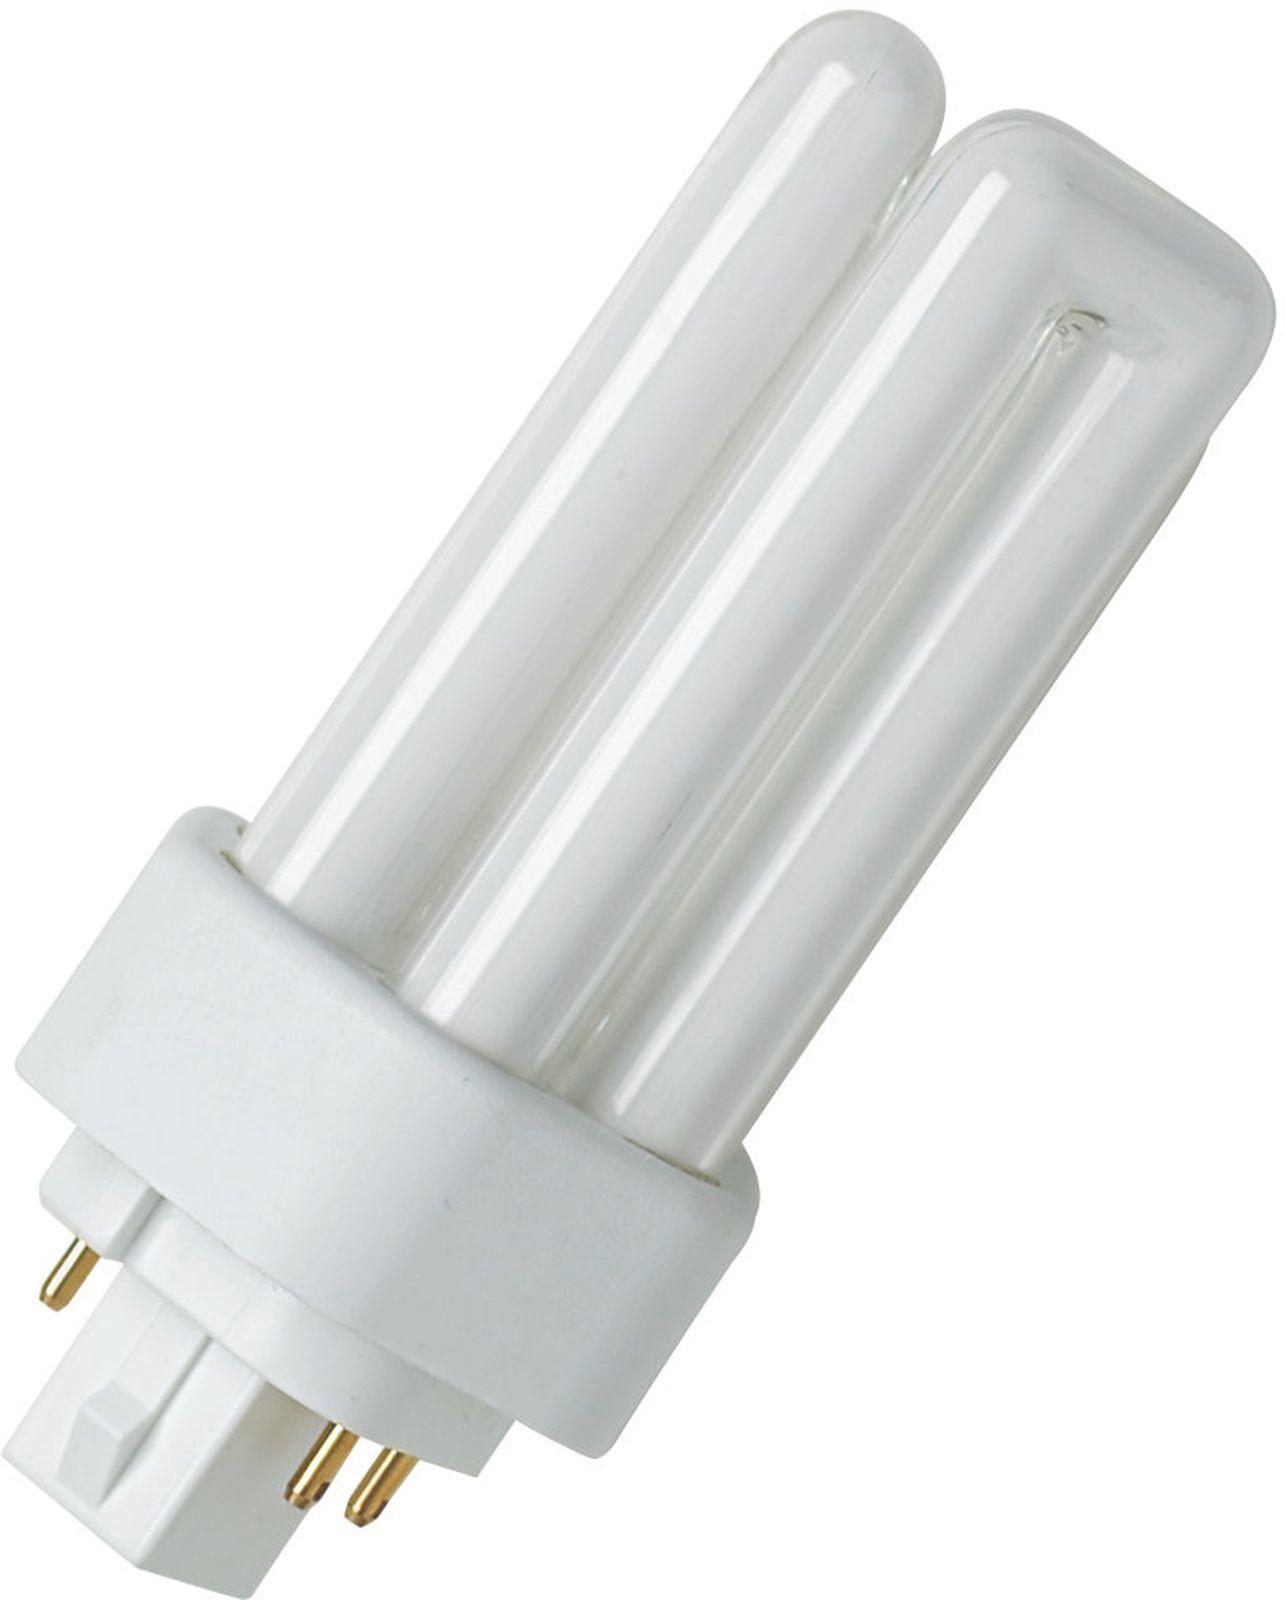 цены Лампочка Ledvance Osram люминесцентная компактная Dulux T/E, Теплый свет 42 Вт, Люминесцентная (энергосберегающая)